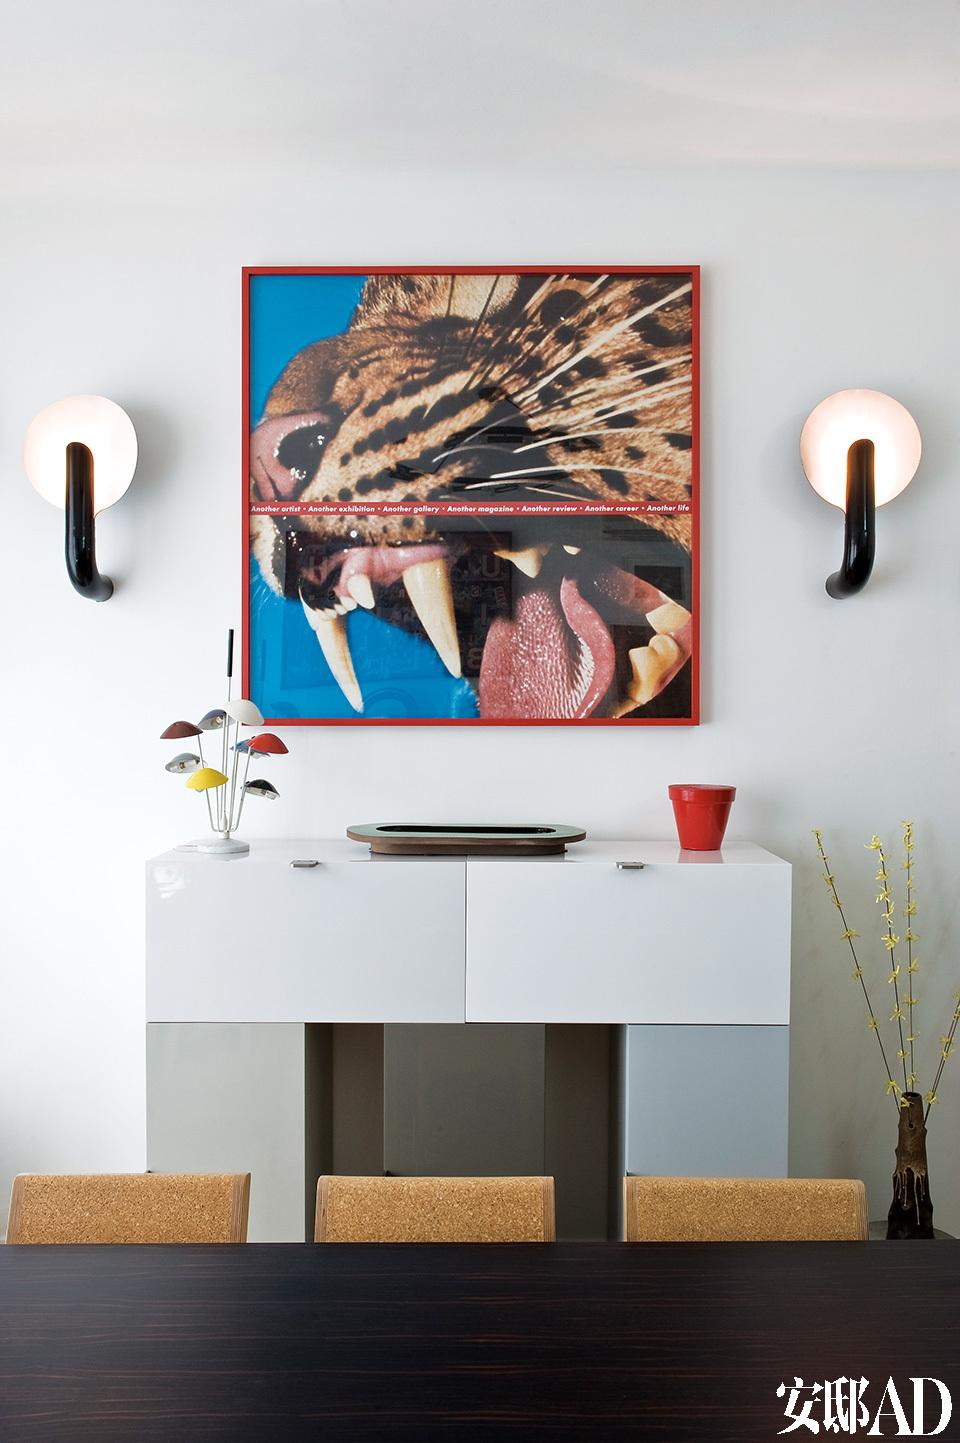 """餐厅中挂着Barbara Kruger拍摄的照片,两旁的Elysée壁灯由Pierre Paulin设计。画下的餐具柜名为""""巨石阵""""(Stonehenge),设计者是Françis Bauchet,台灯是Gino Sarfatti的作品,中央摆放的瓷盘由Pierre Charpin设计,餐桌椅出自Martin Szekely之手。"""